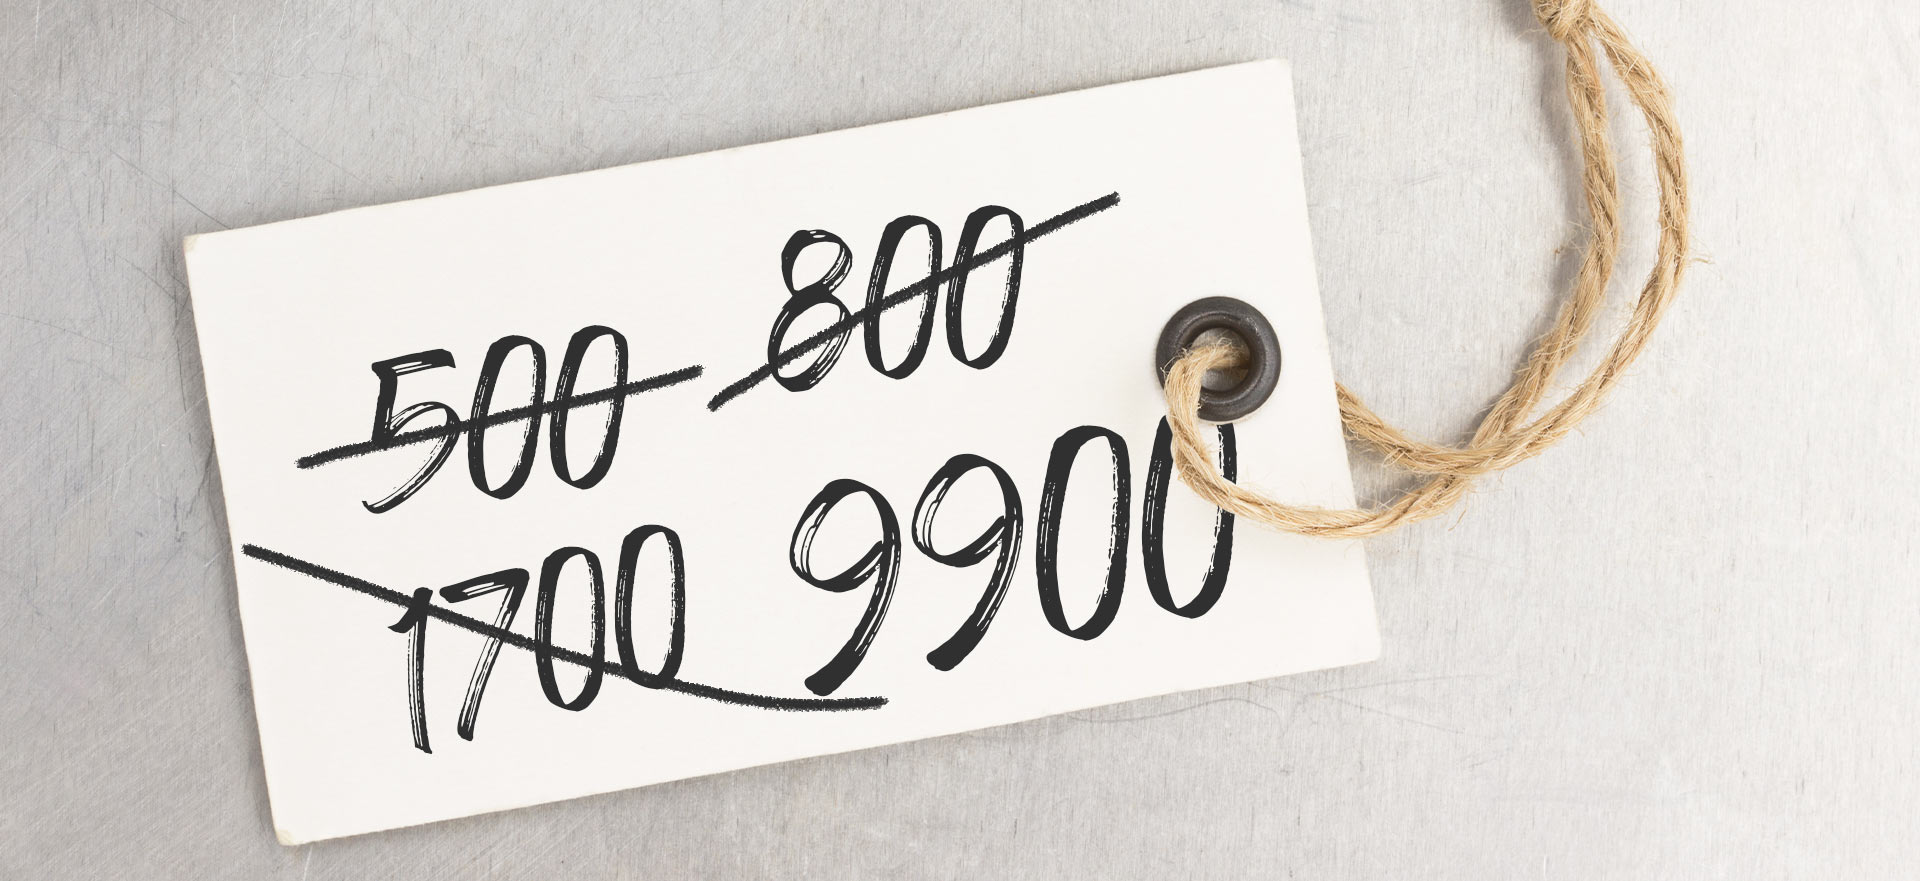 Пост о повышении цен: готовим клиентов к повышению стоимости услуг